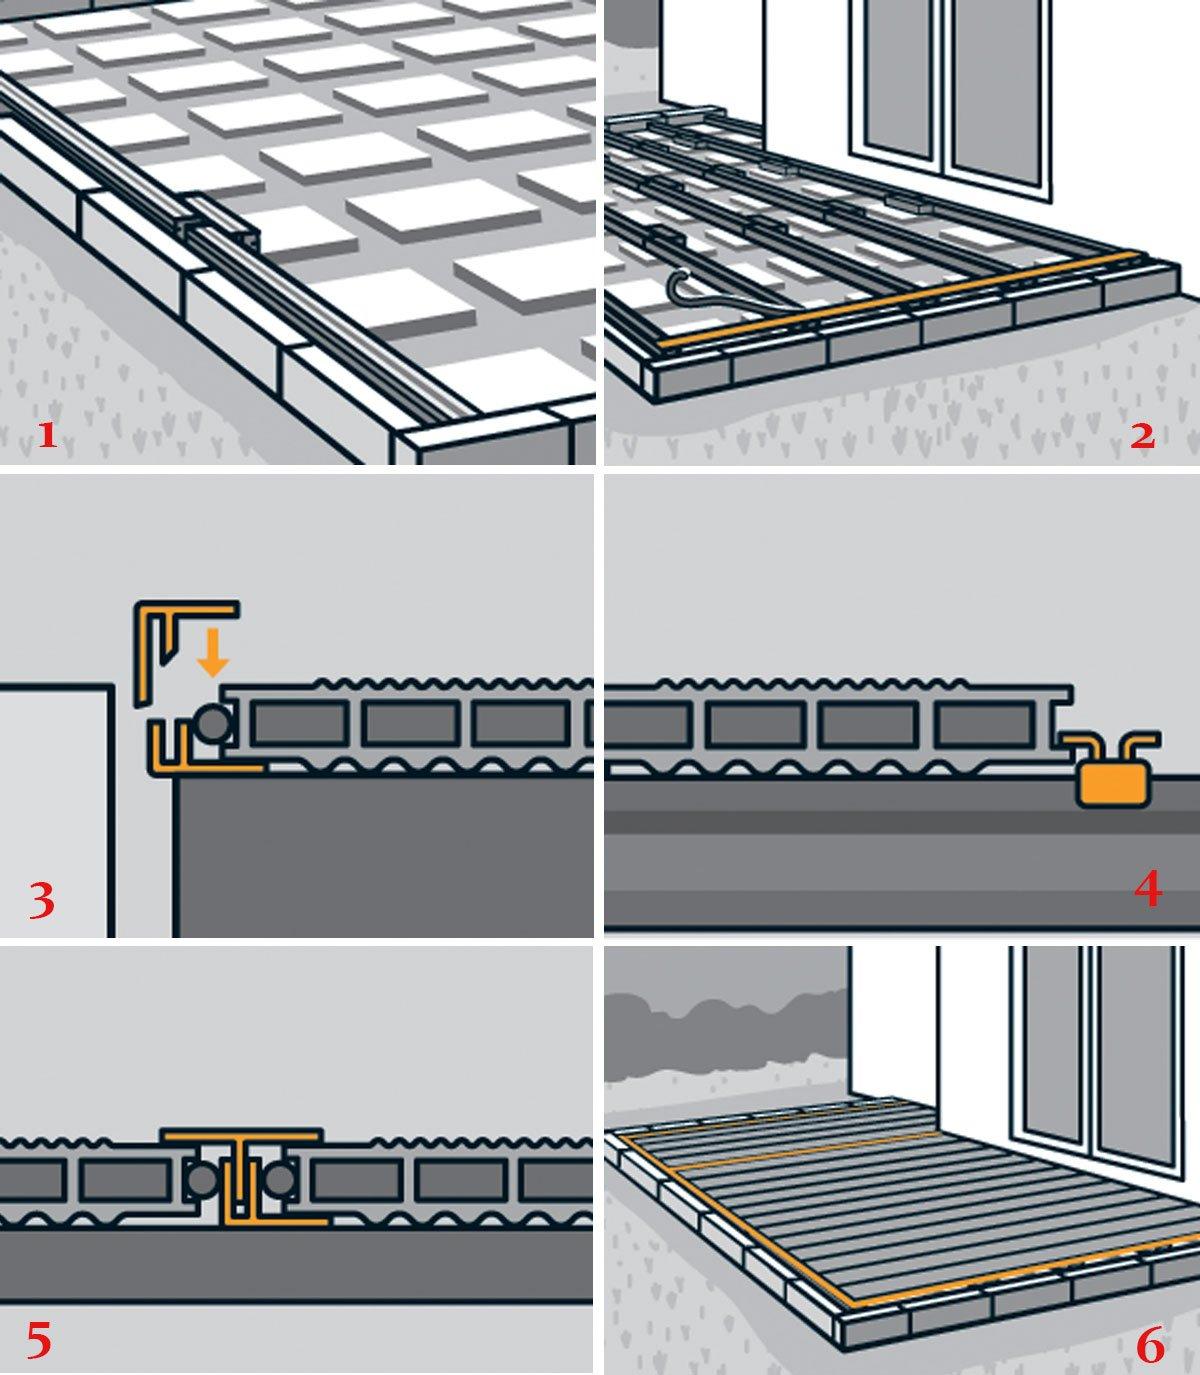 obrázkový návod na zhotovení terasy z WPC desek